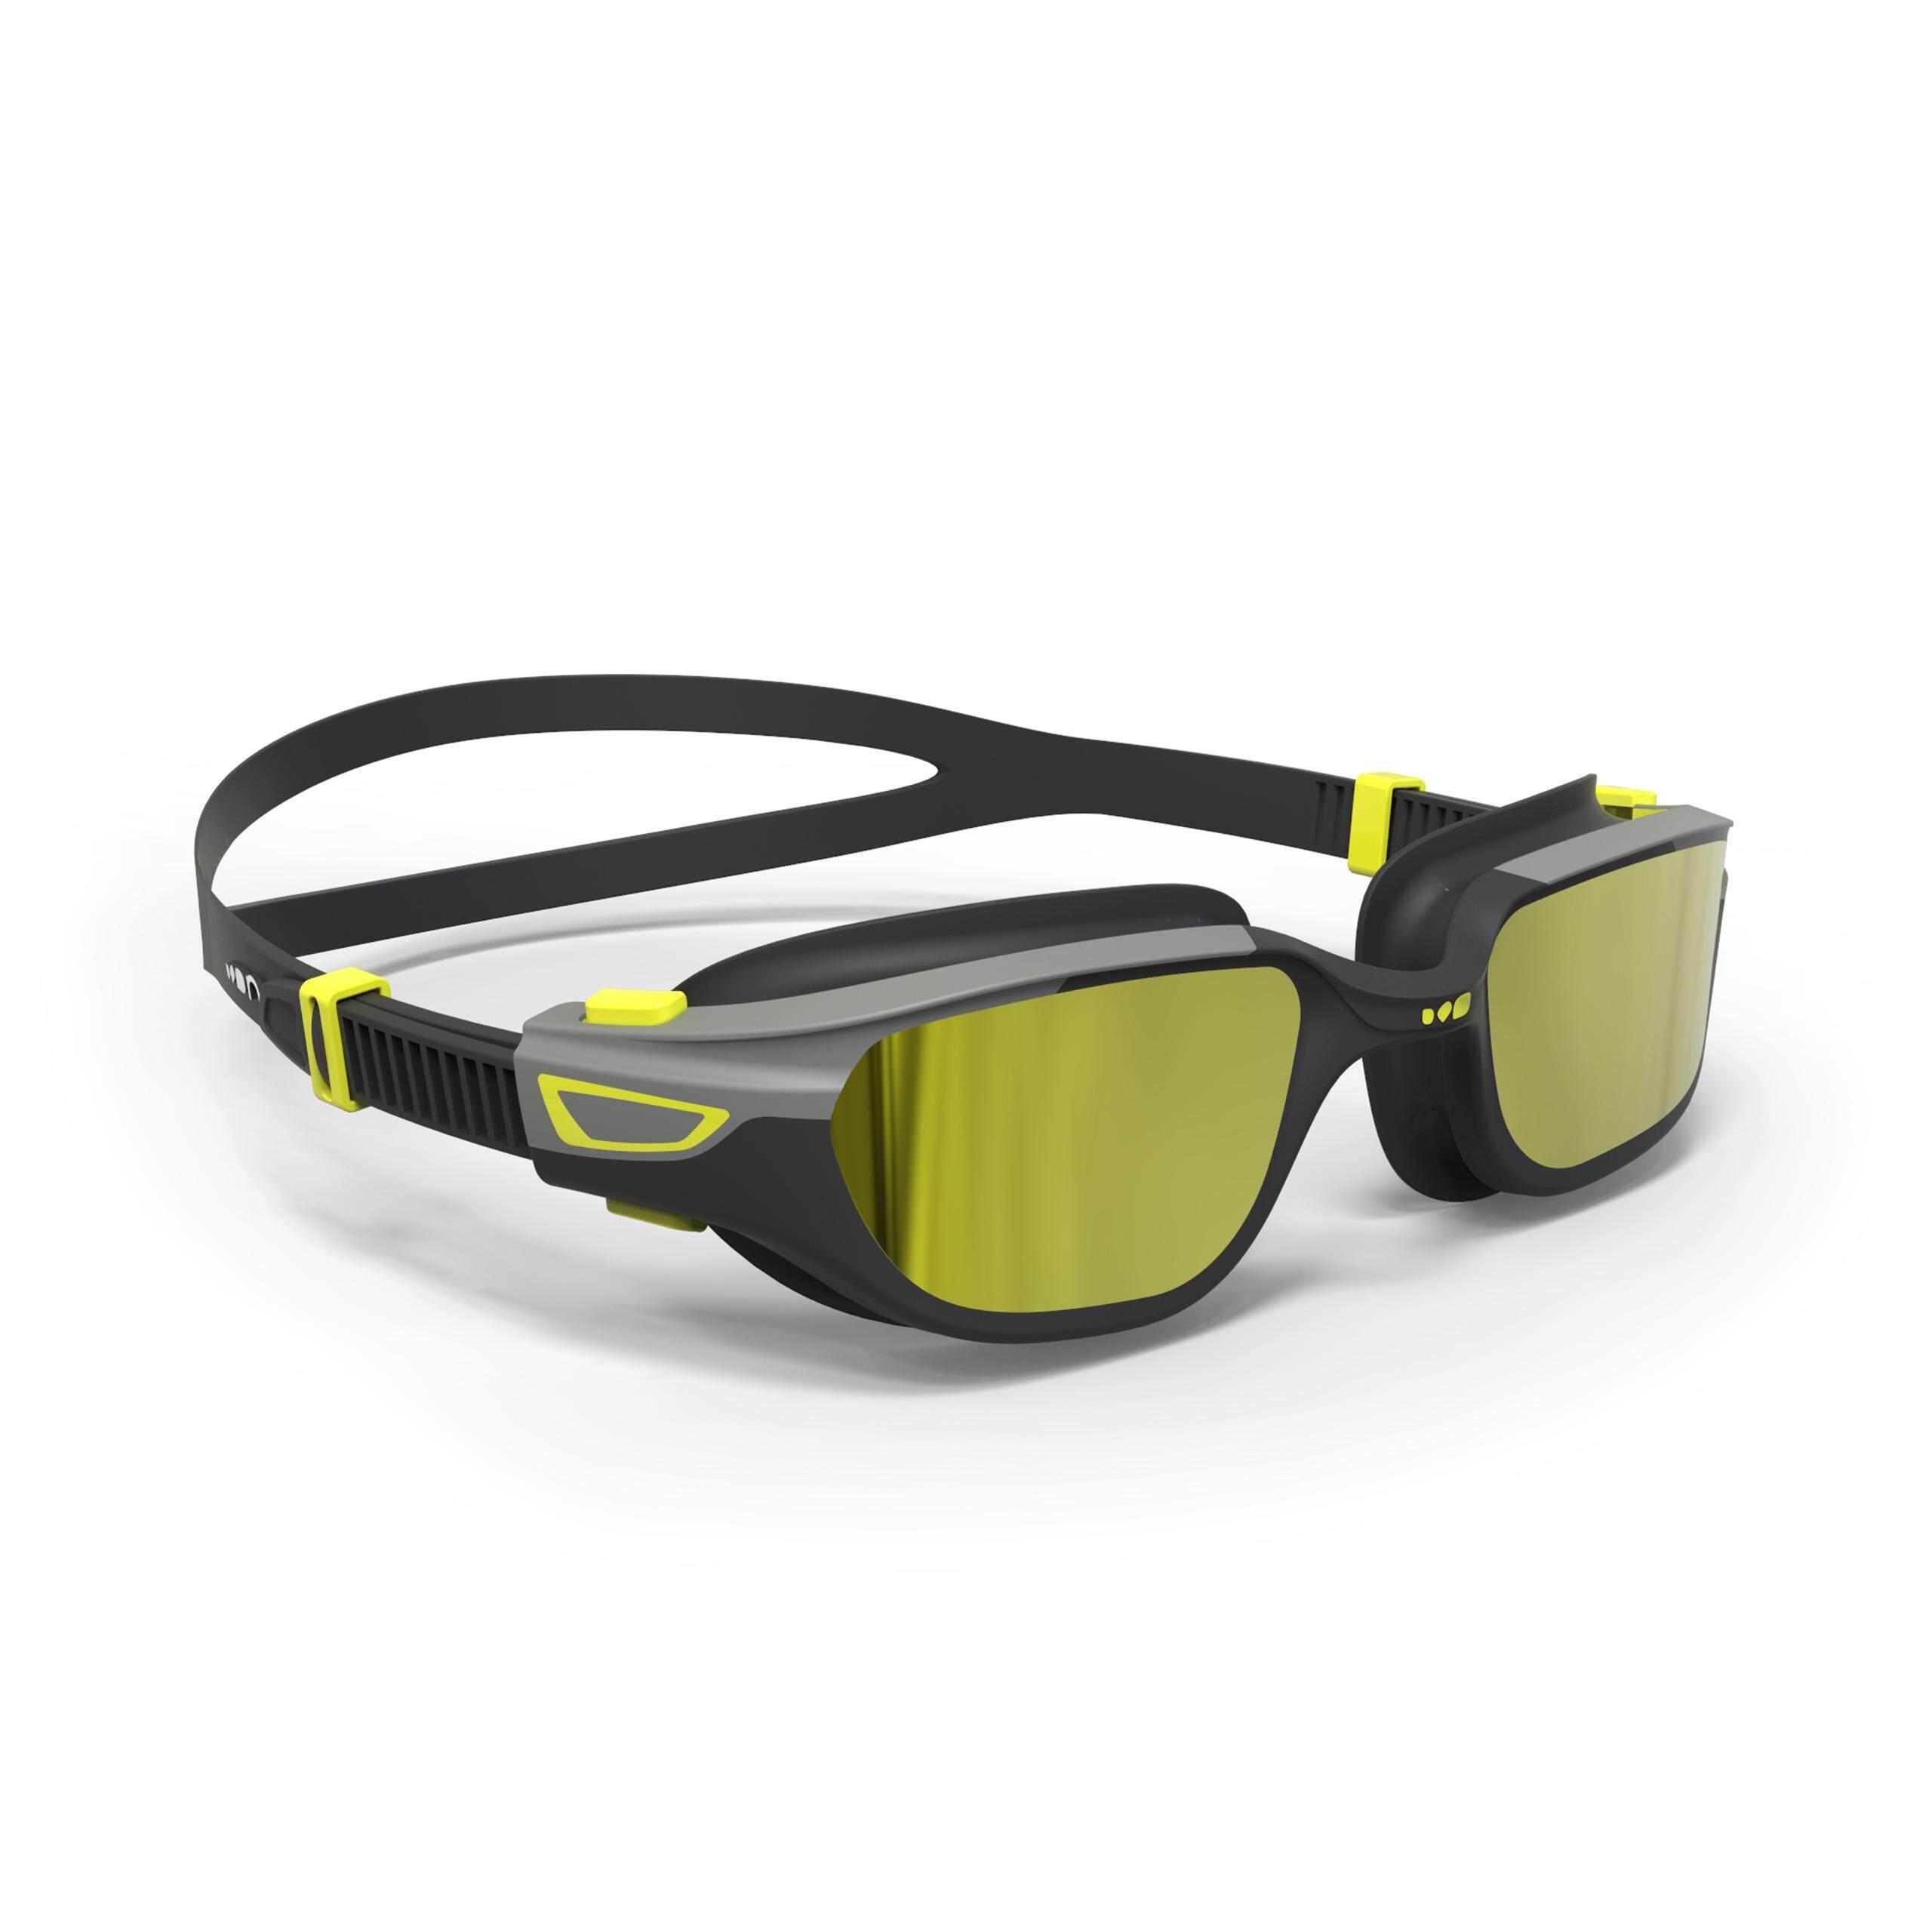 [ถูกที่สุด!!!] แว่นตาว่ายน้ำรุ่น 500 SPIRIT ขนาด L (สีดำ/เทา เลนส์สะท้อนแสง) สำหรับ ว่ายน้ำ